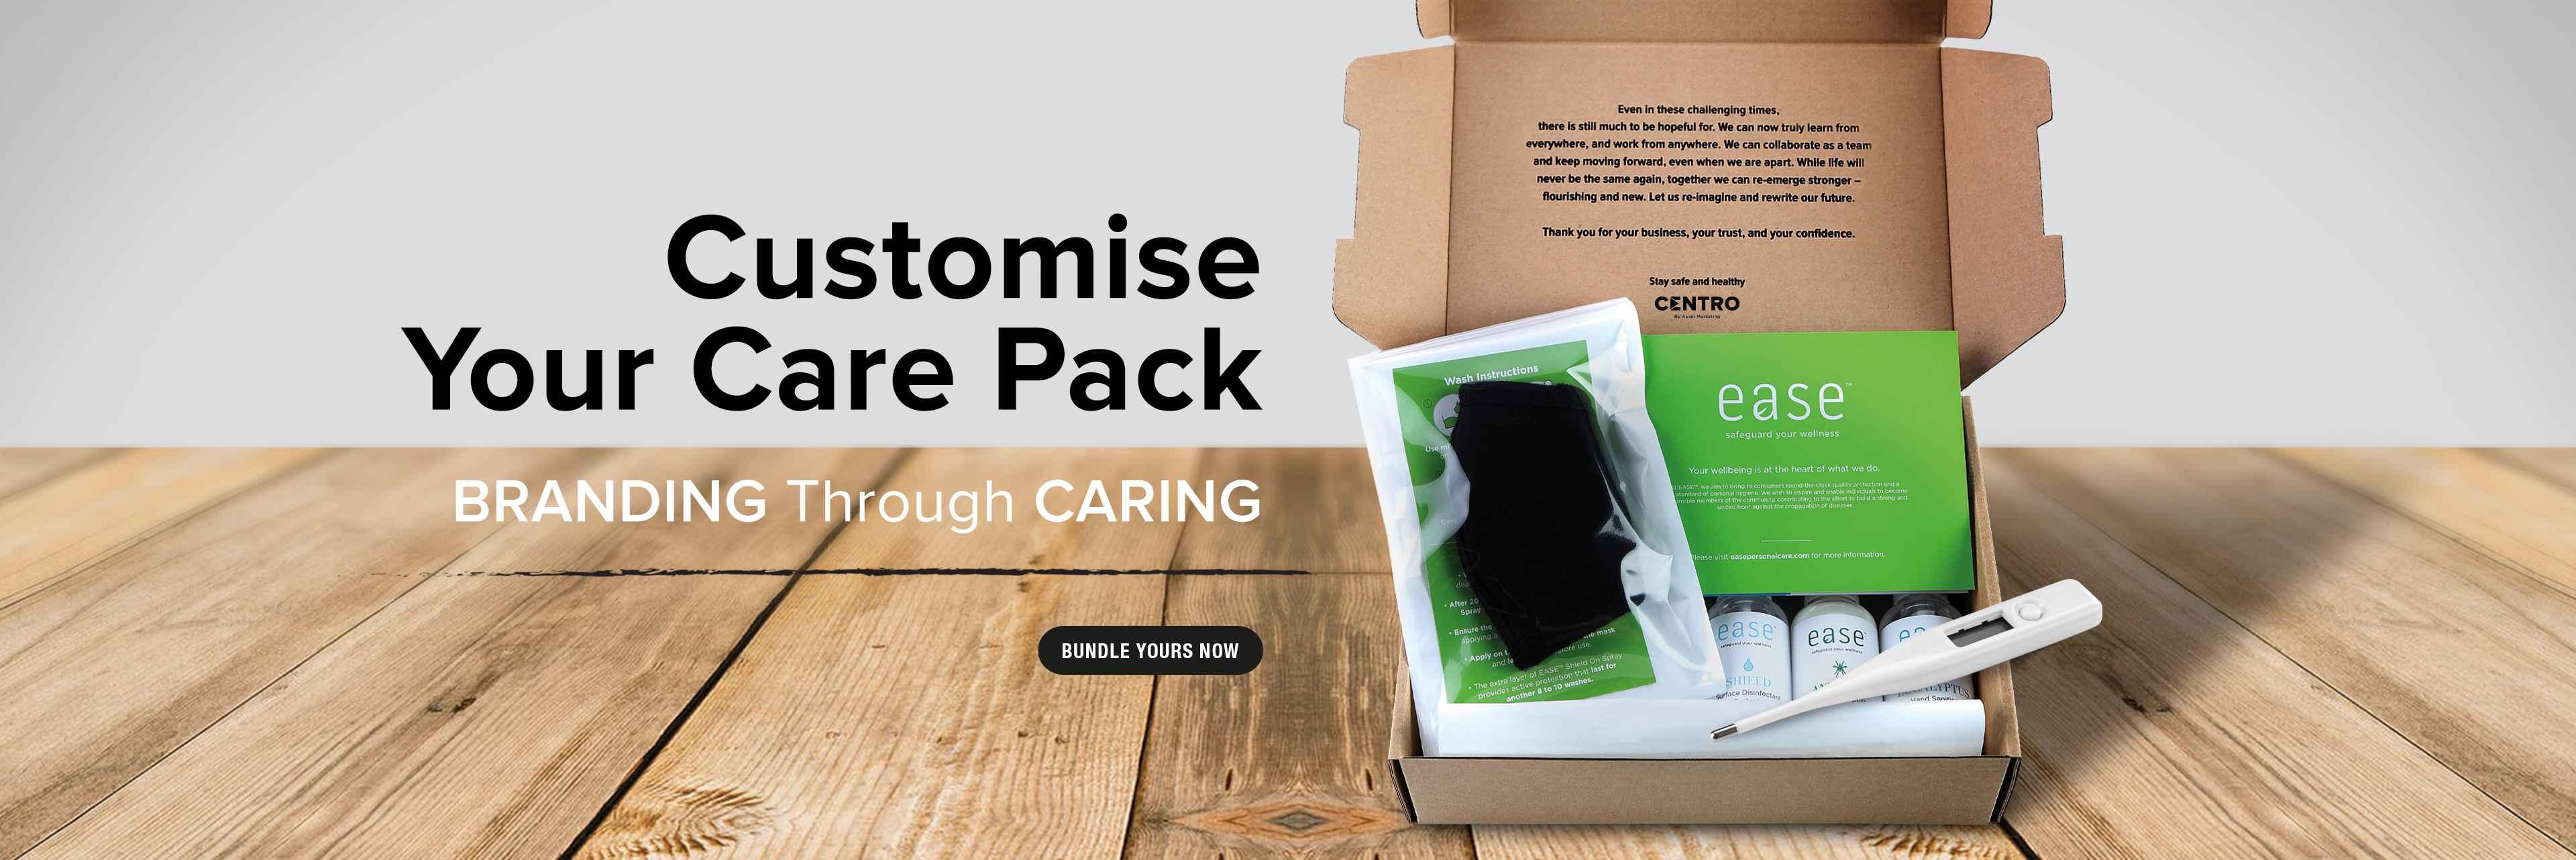 carepacks4-LowRes.jpg